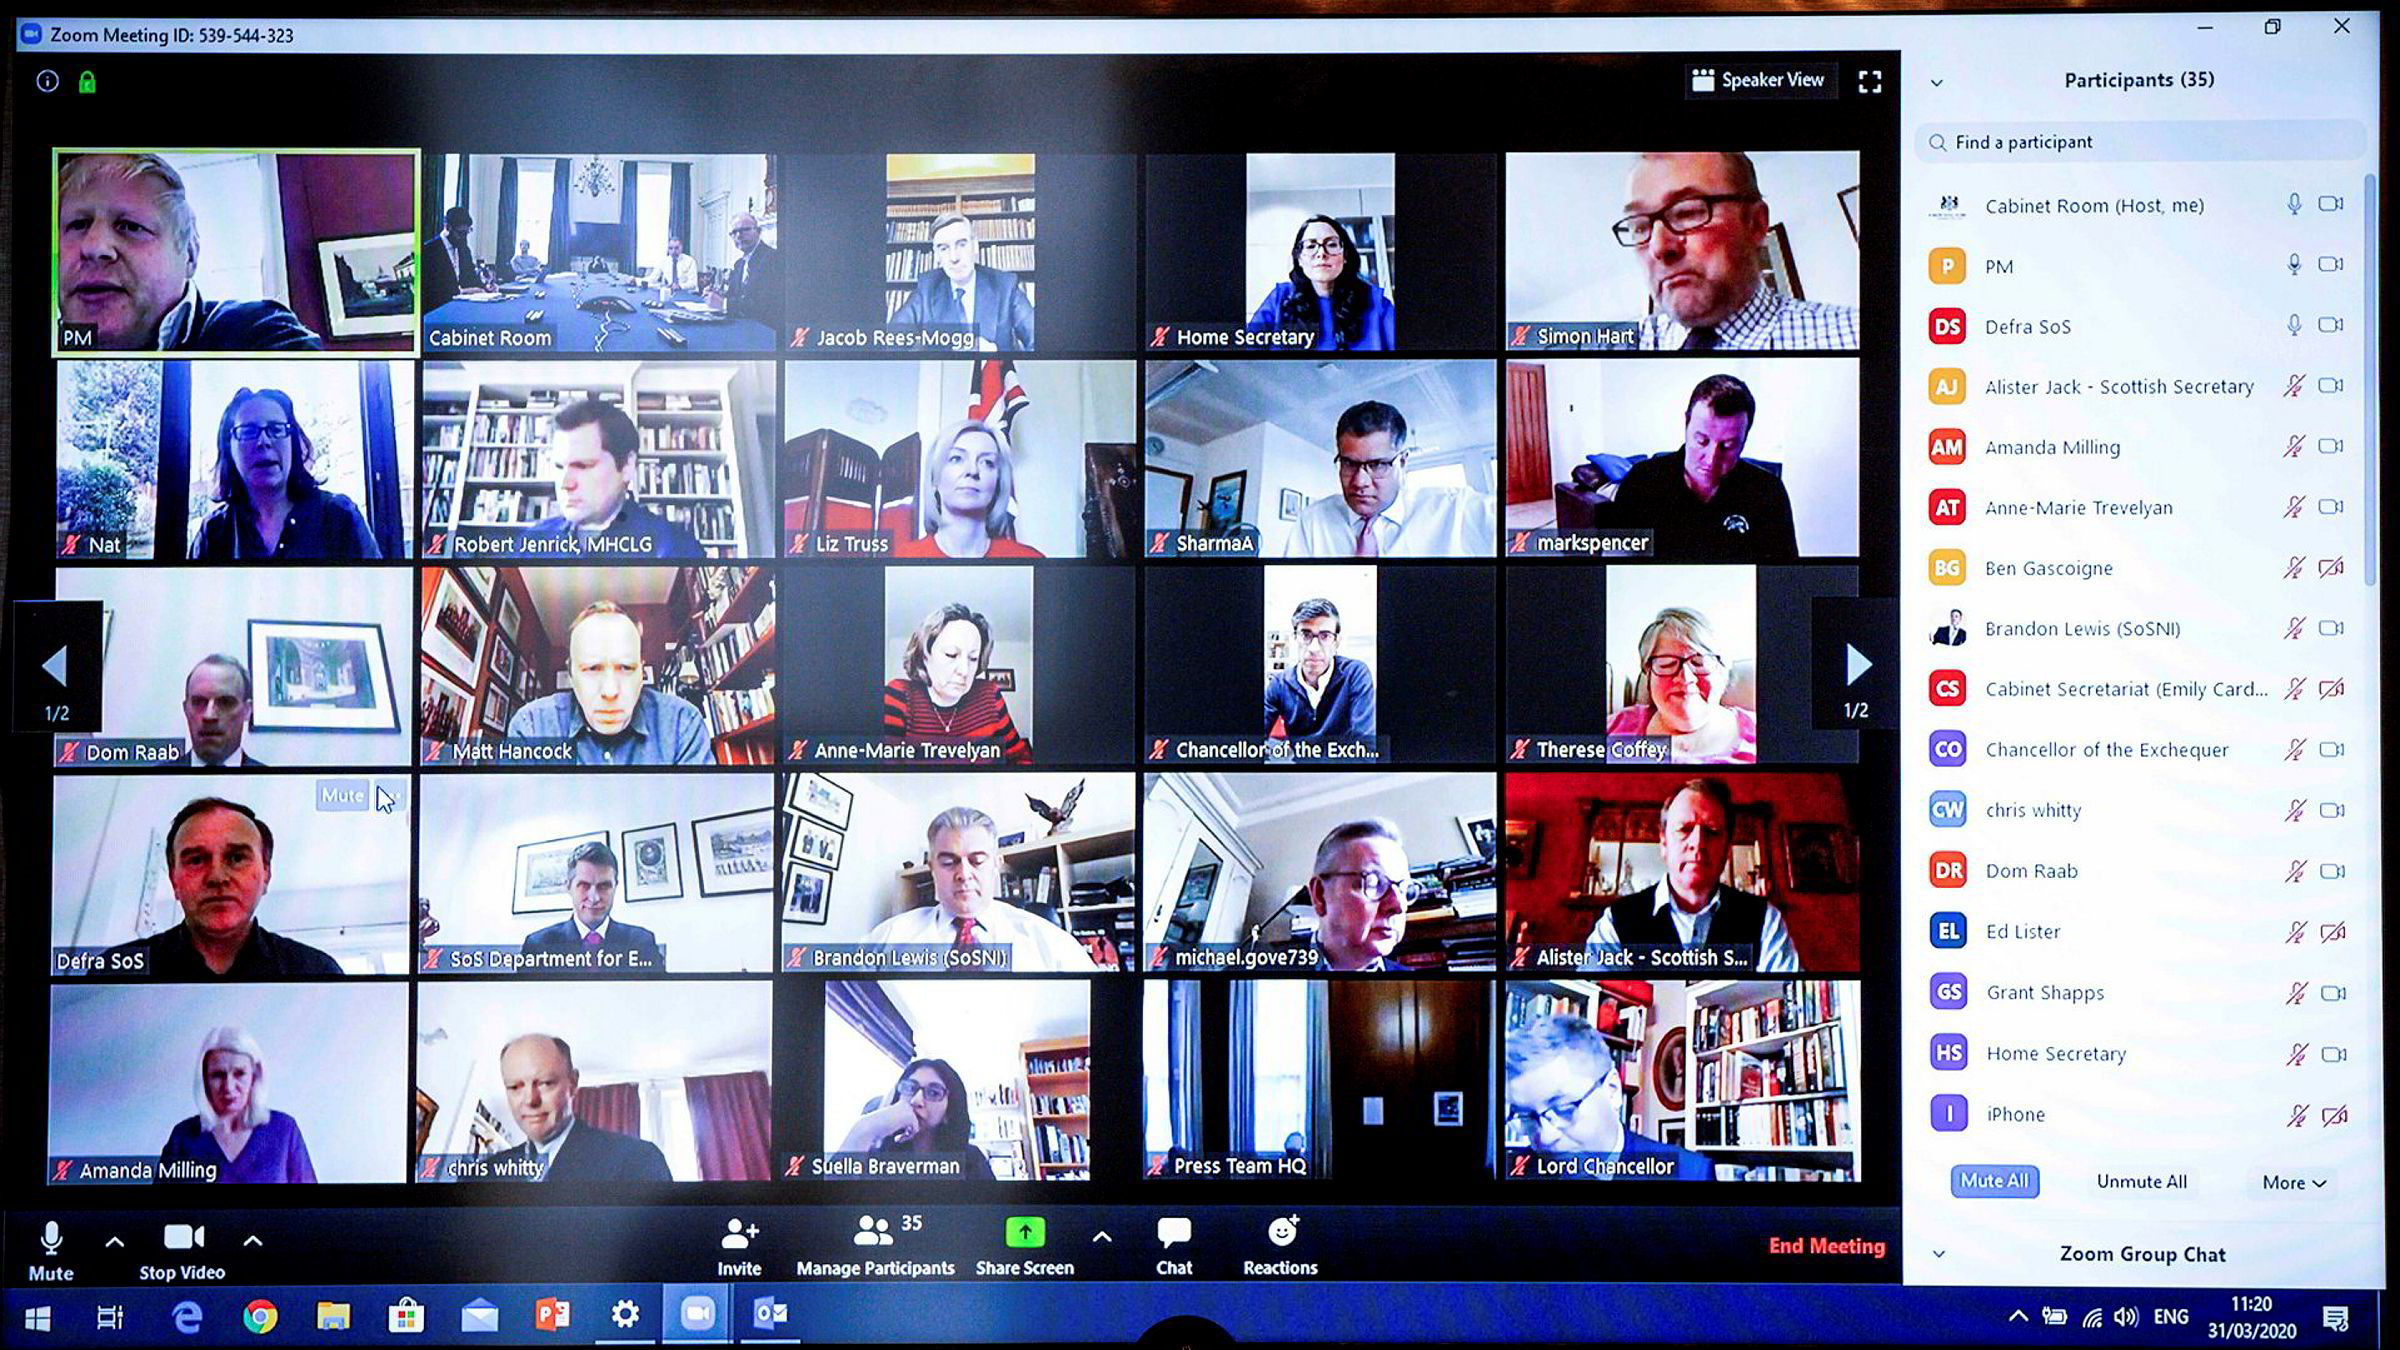 Storbritannias regjering har  videokonferanse med hjelp av videokonferanse-tjenesten Zoom.